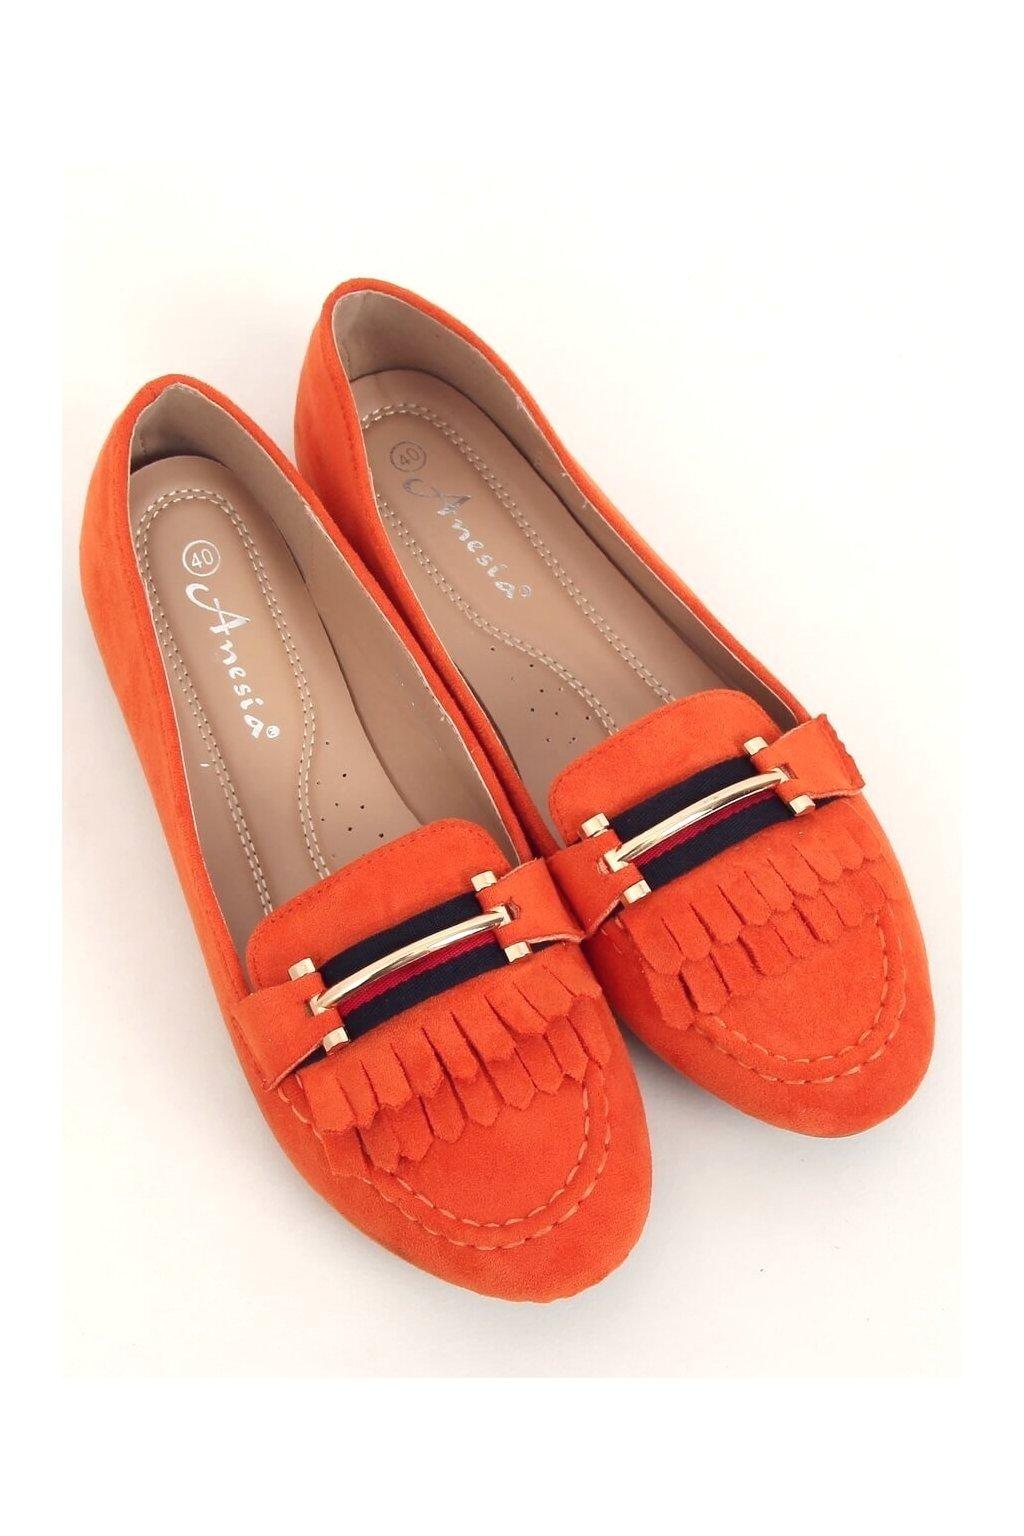 Dámske mokasíny oranžové 88-381